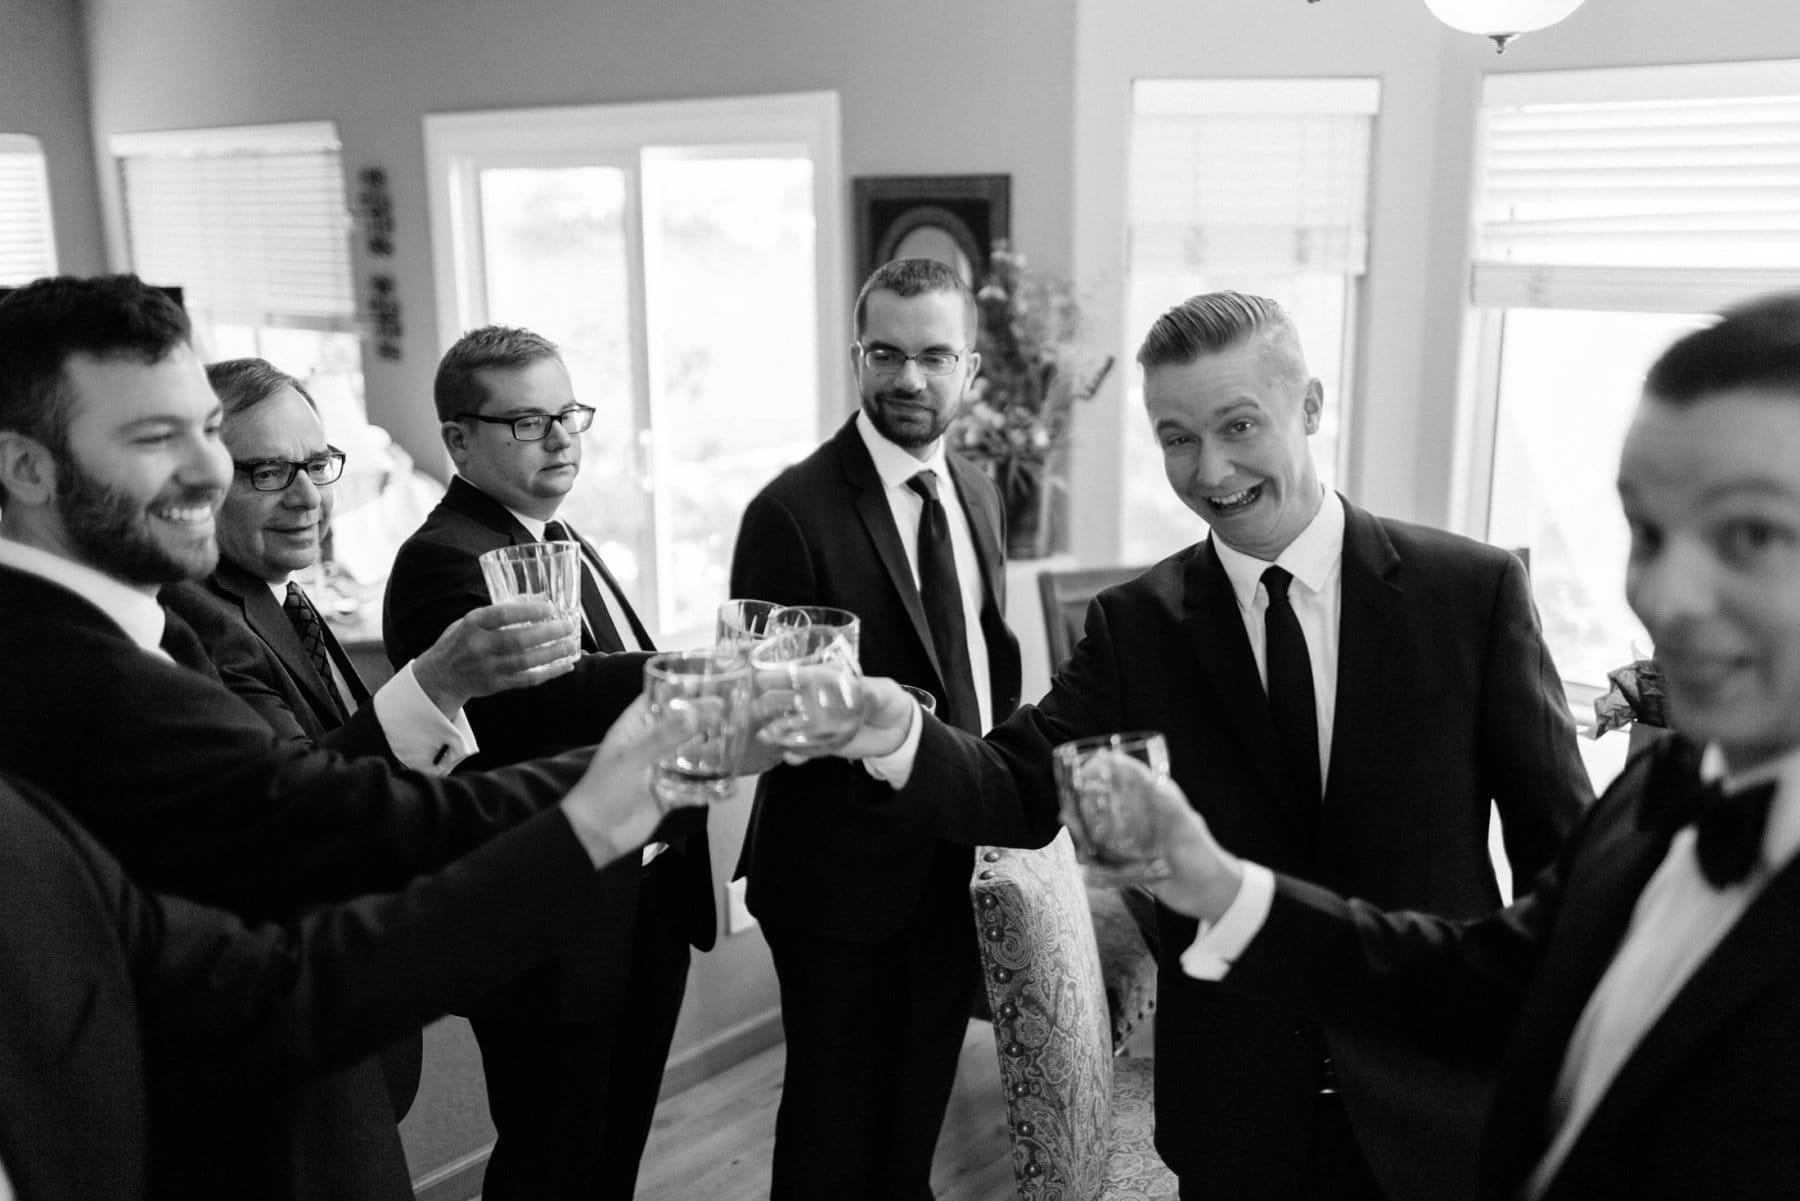 goofy groomsmen pre-wedding drink Arizona wedding photographer